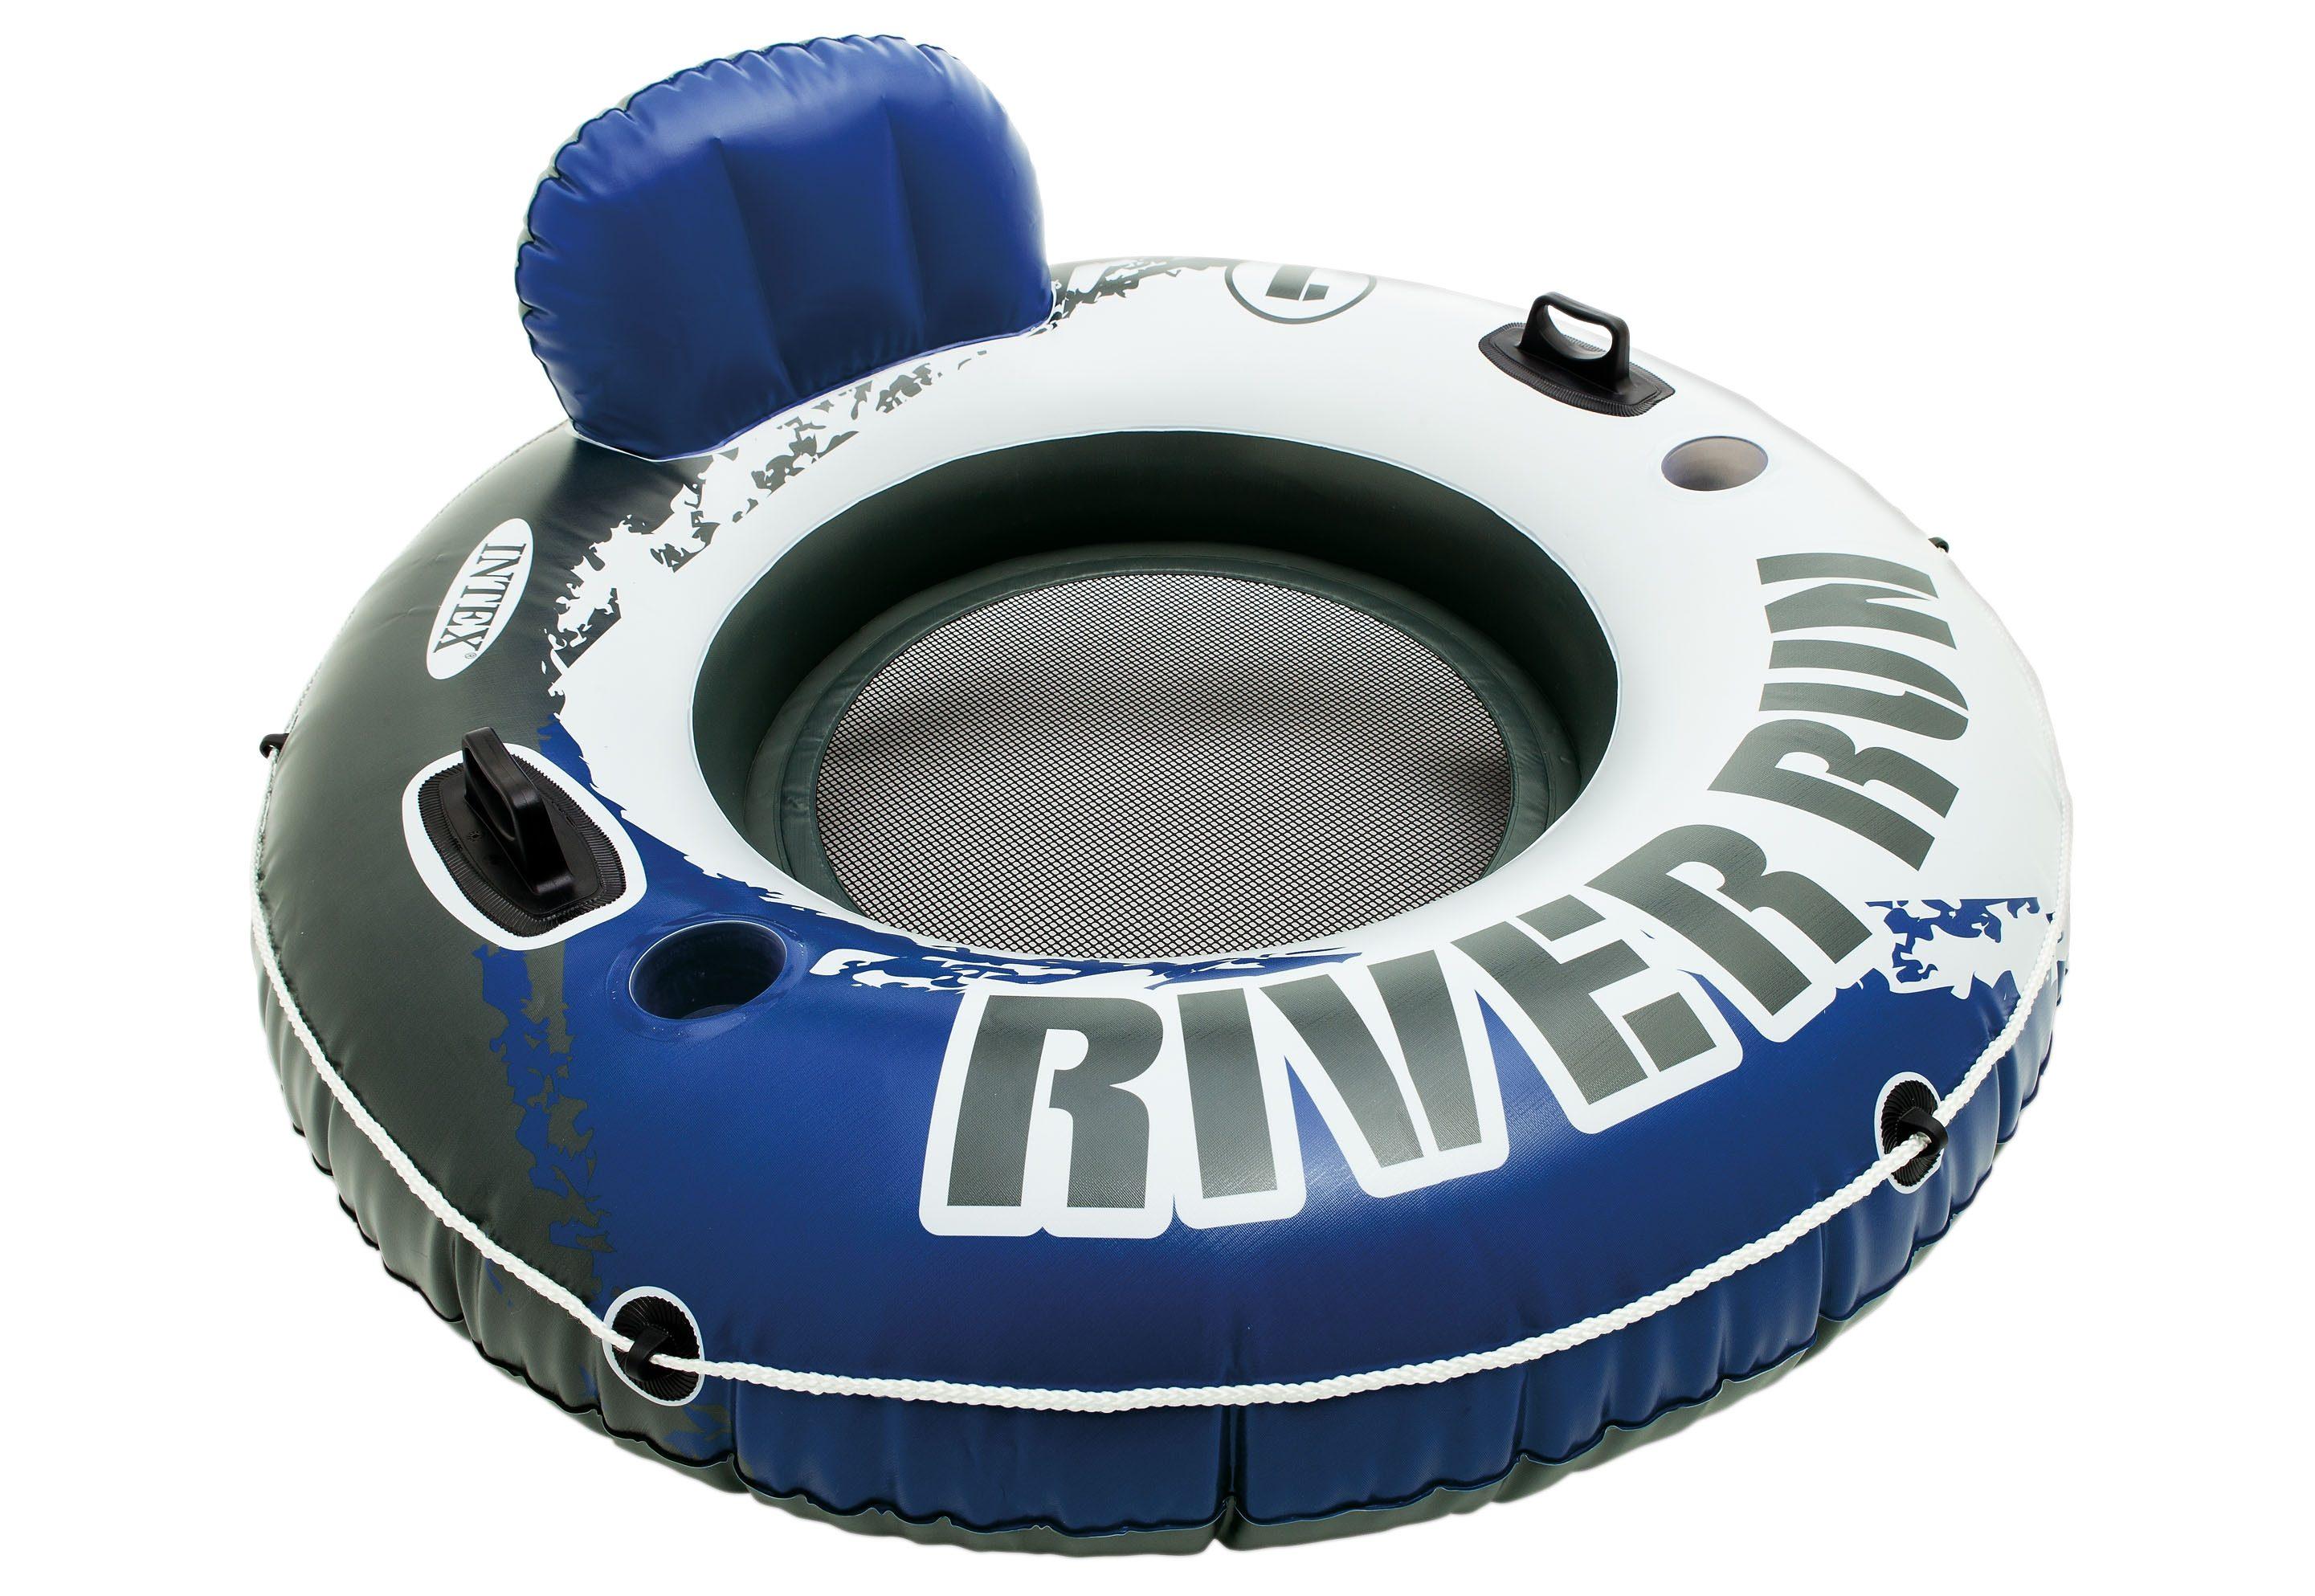 Schwimmsessel, »River Run 1«, Intex